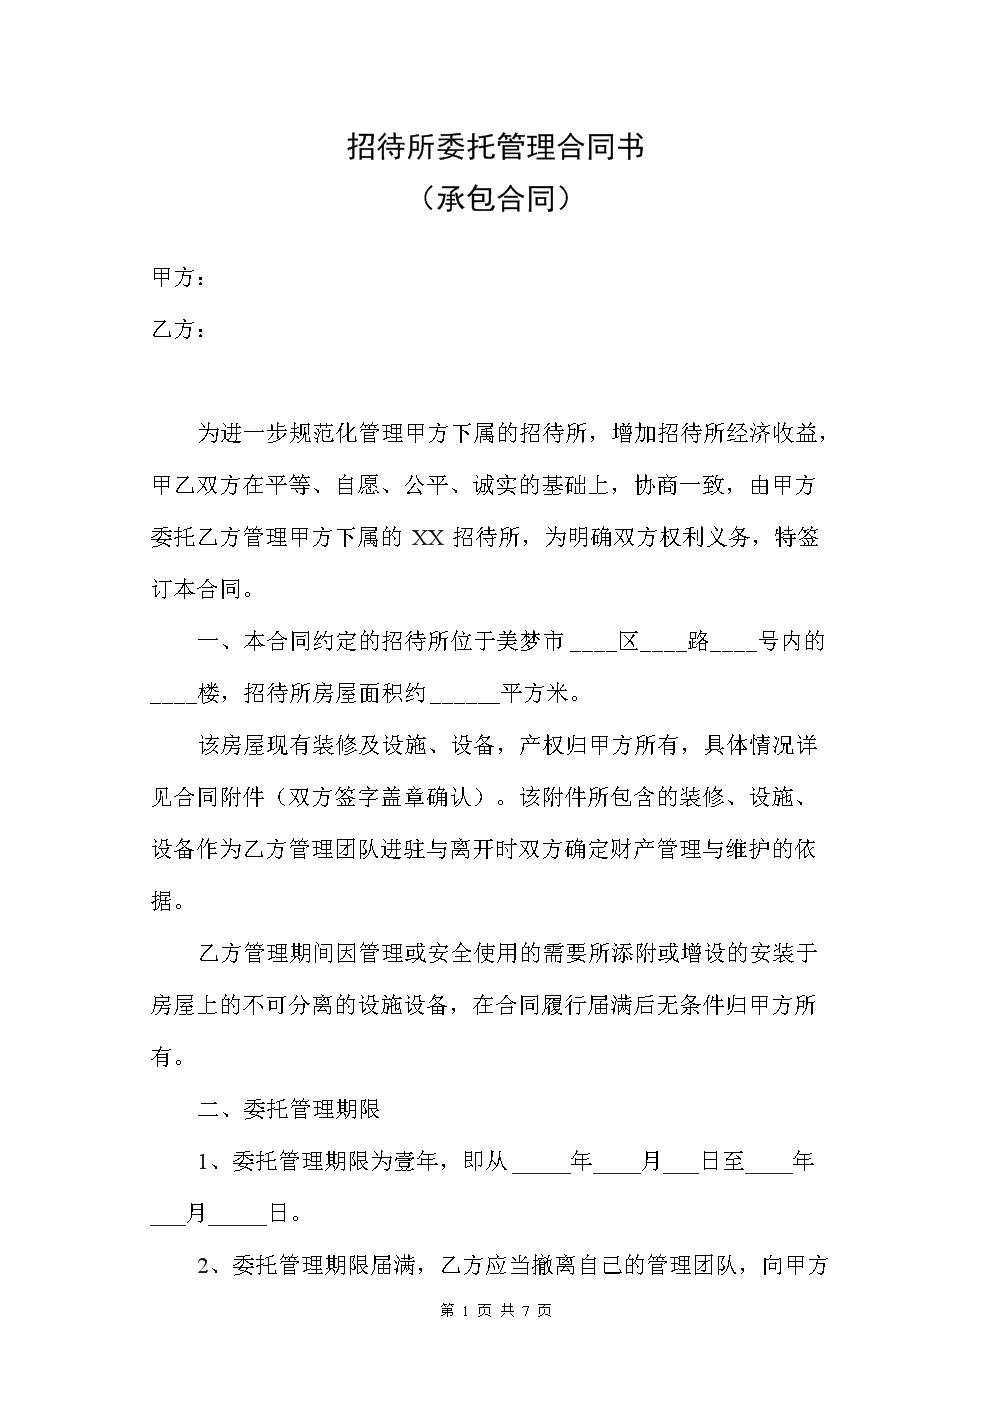 招待所委托管理合同书.doc